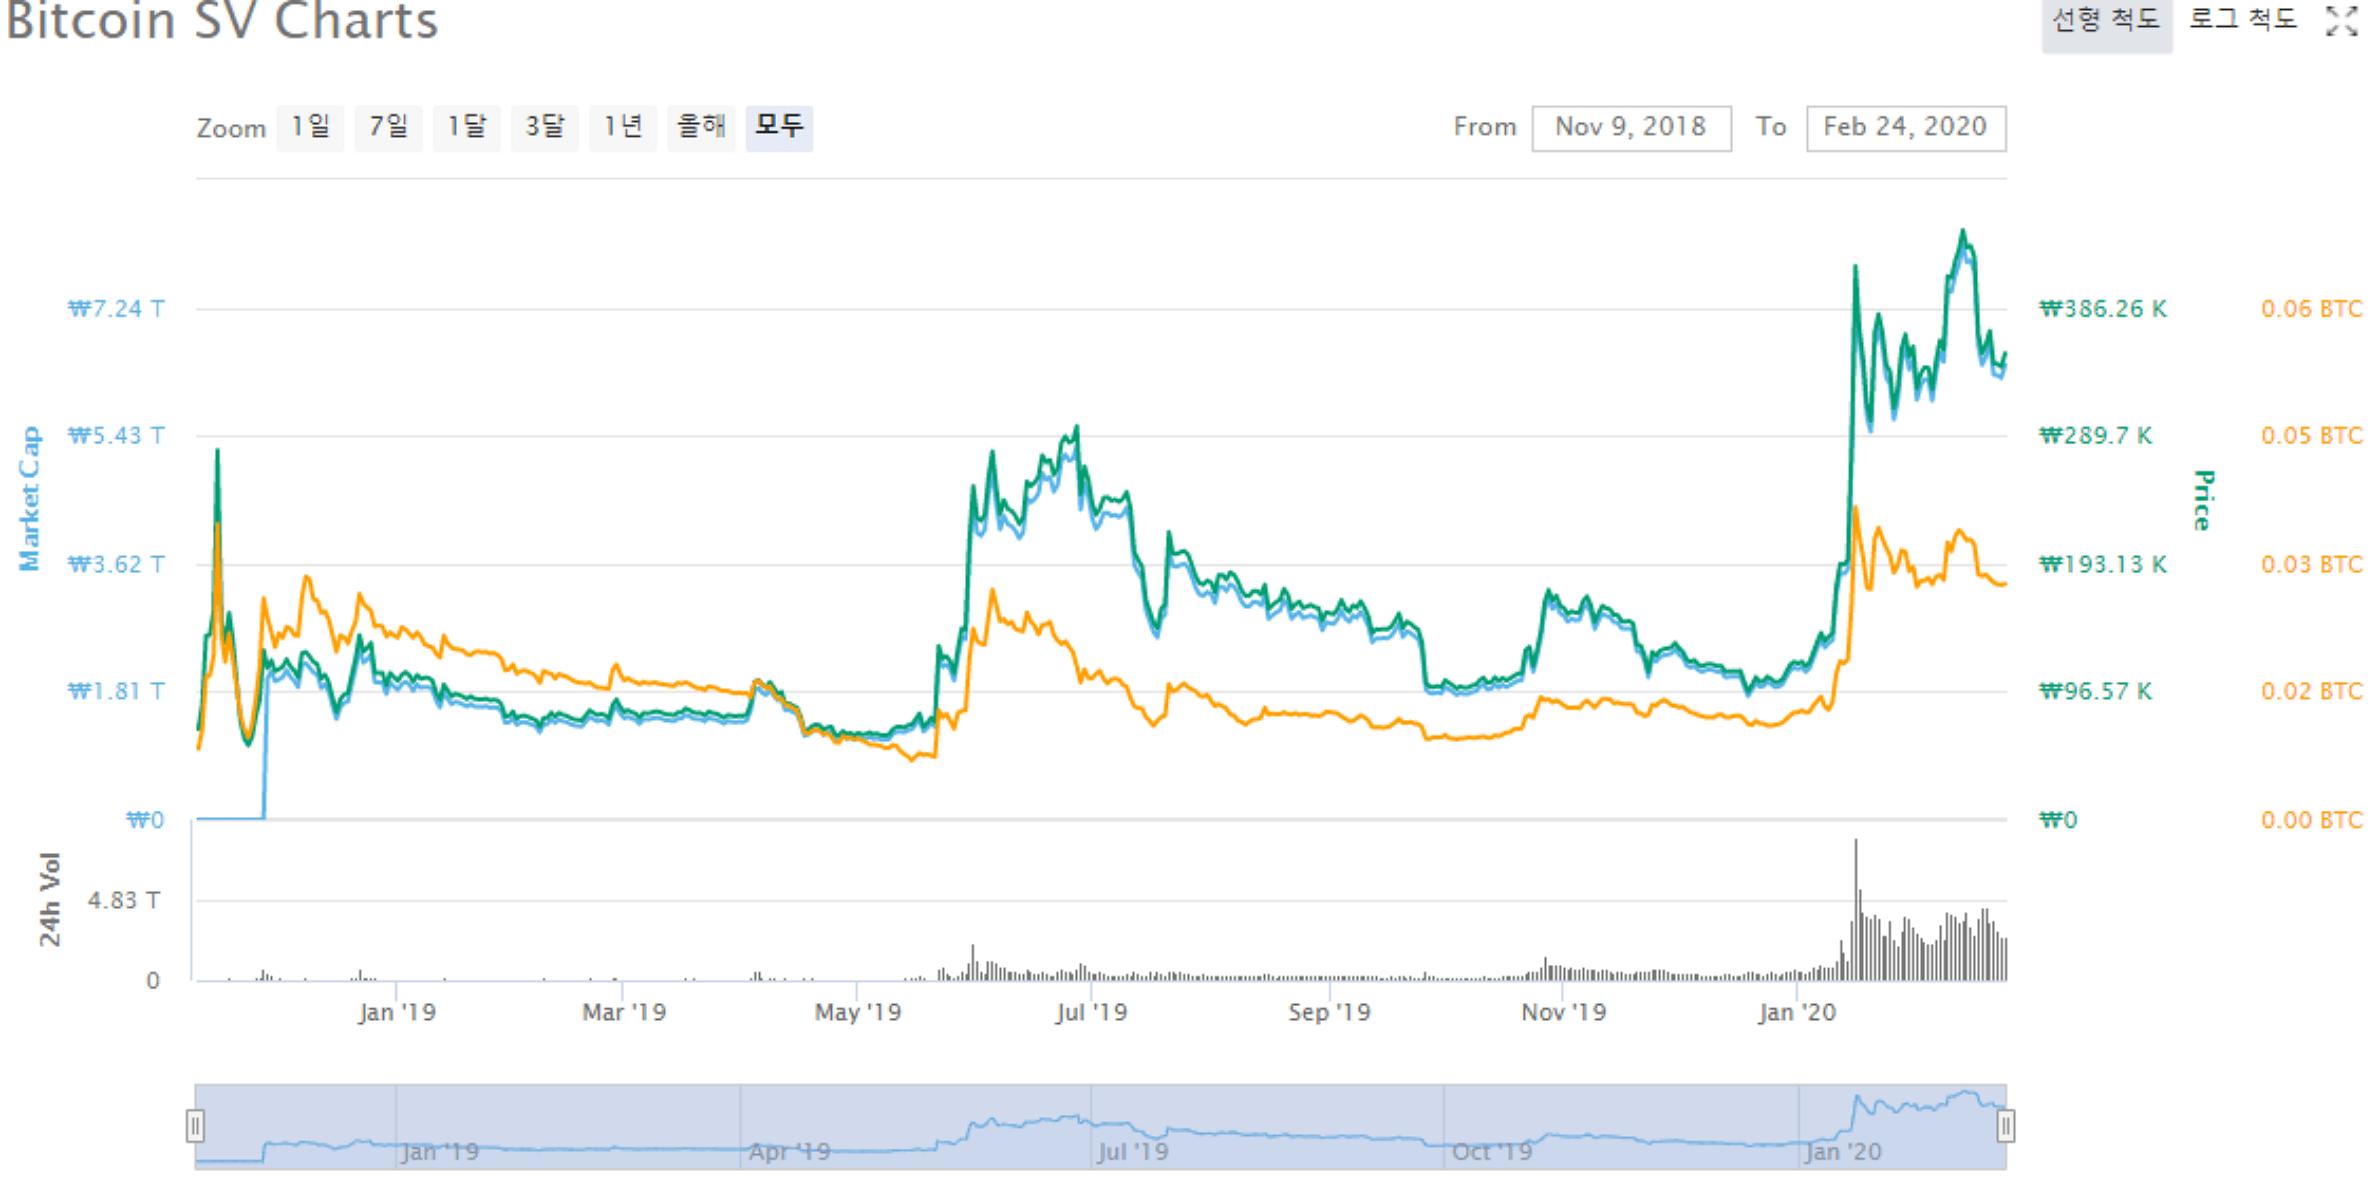 비트코인 SV (BSV) 가격 분석 2020 2월 23일